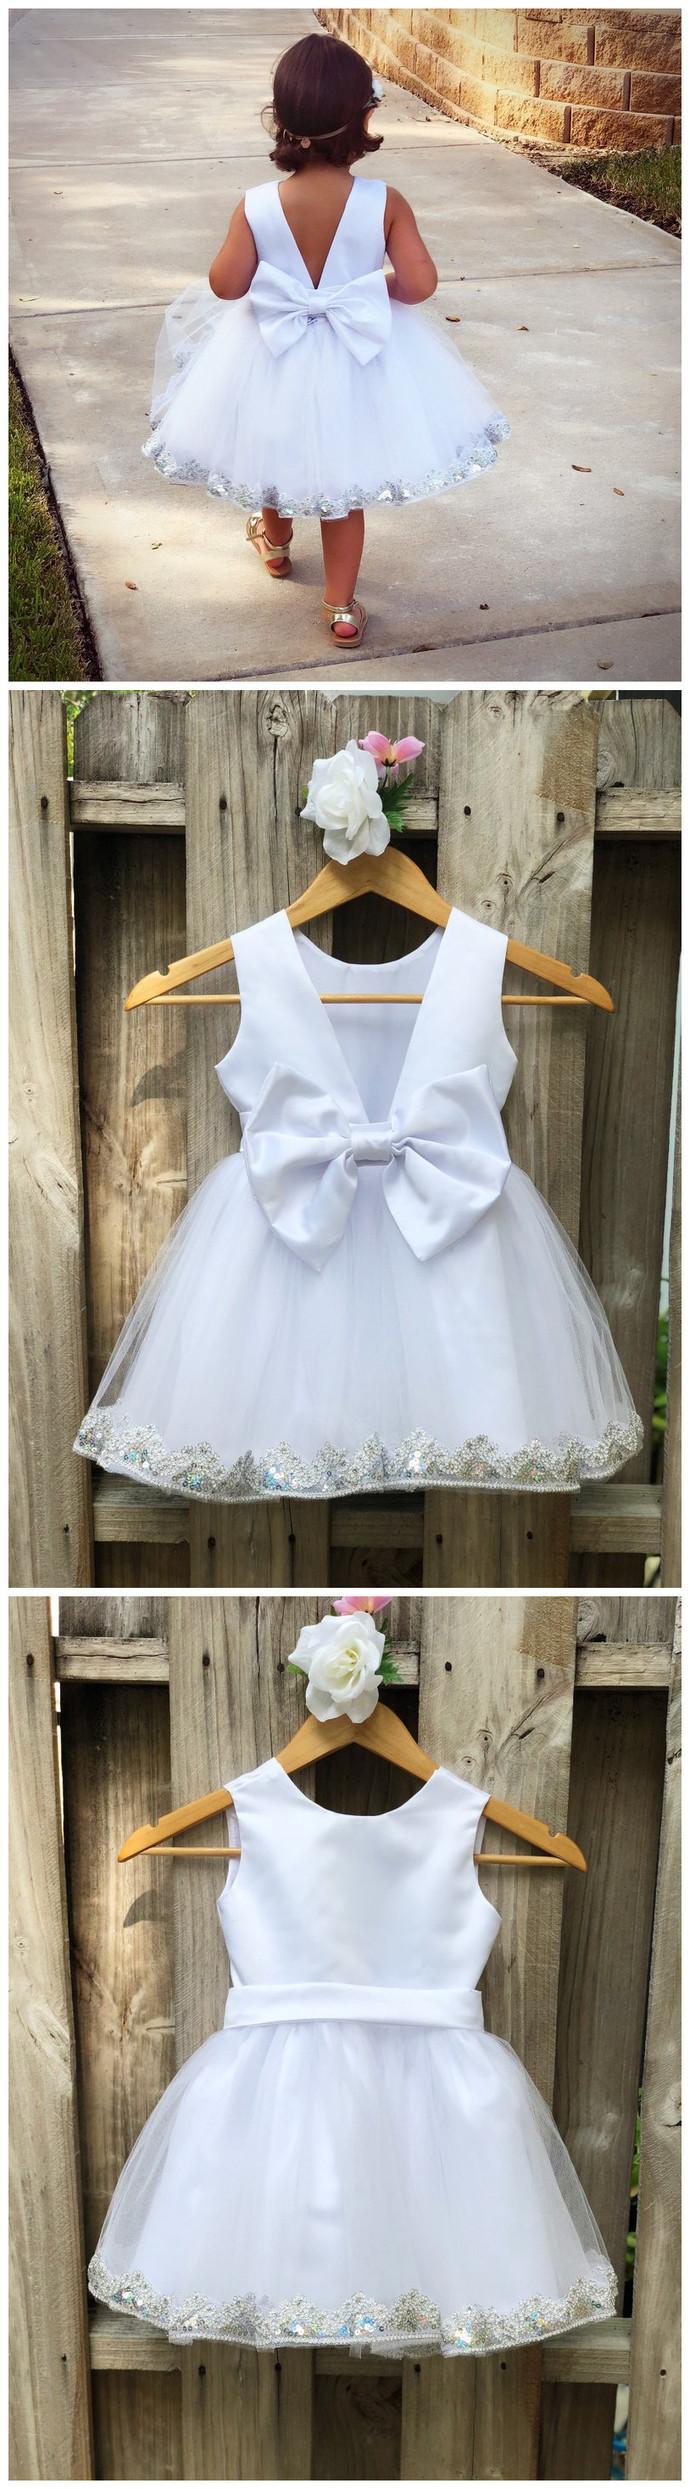 White Flower Girl Dress, White Tulle Flower Girl Dresses, White Flower Girl